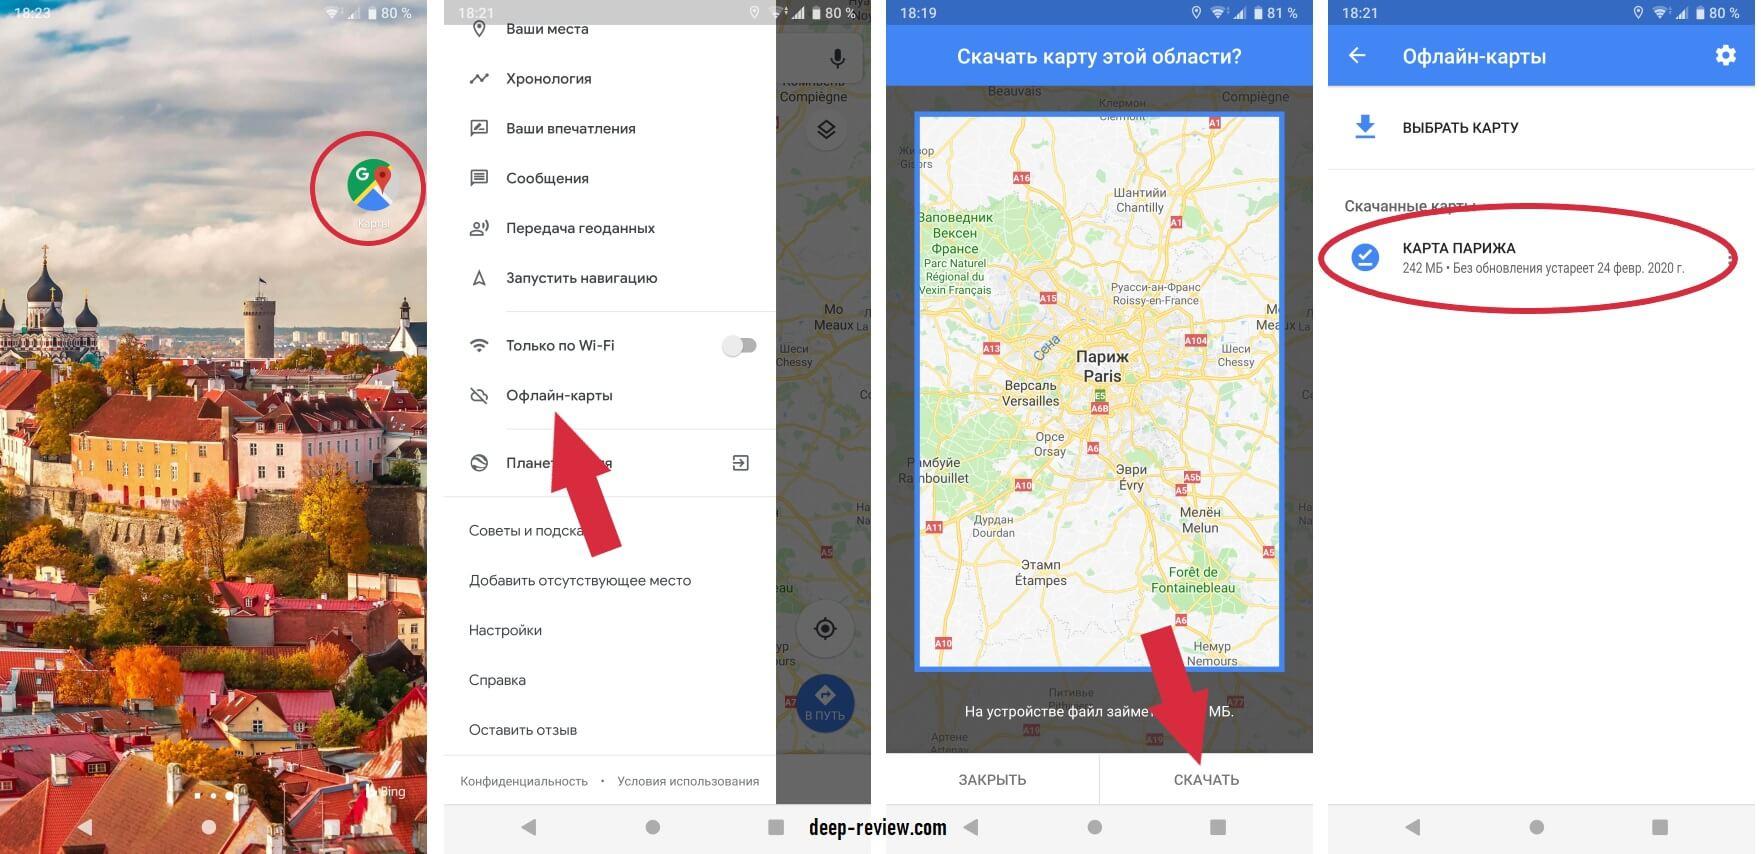 Загружаем карты для использования без интернета за границей